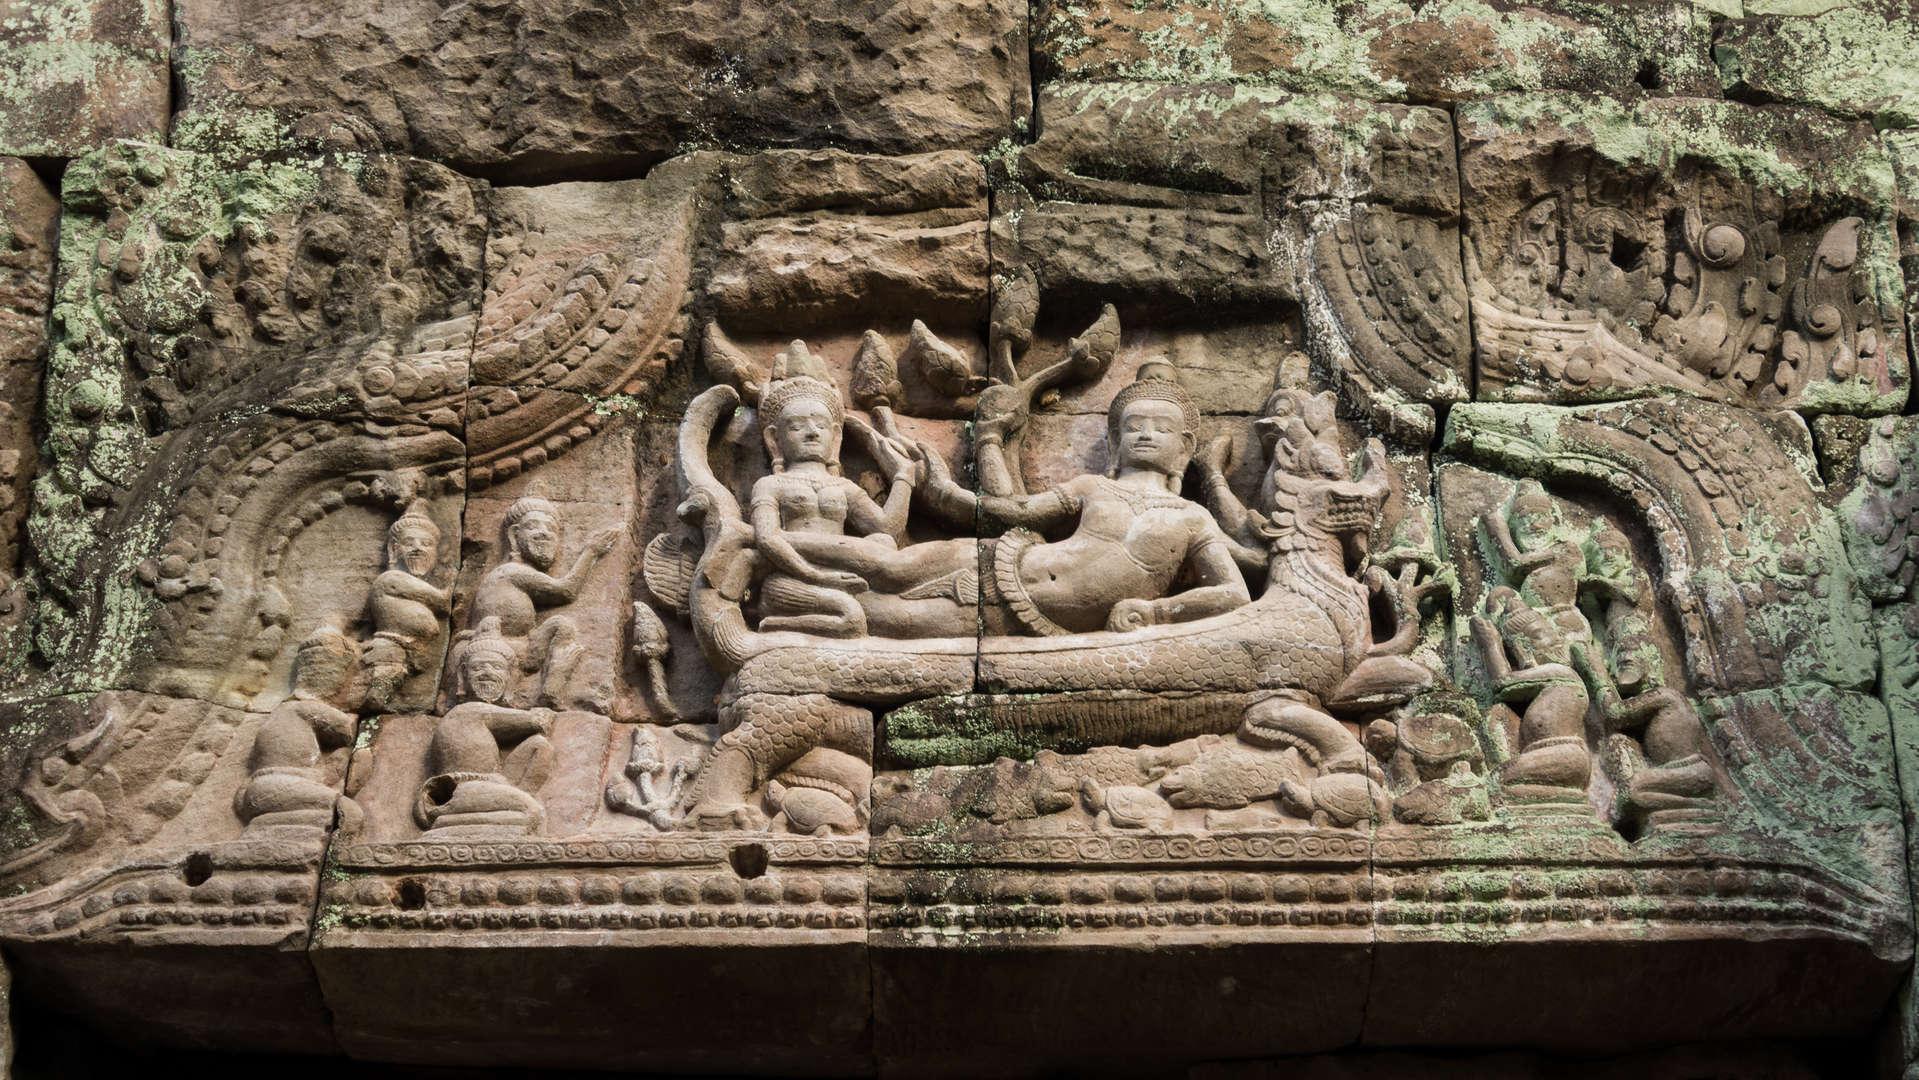 Płaskorzeźby w świątyni Preah Khan, Kambodża